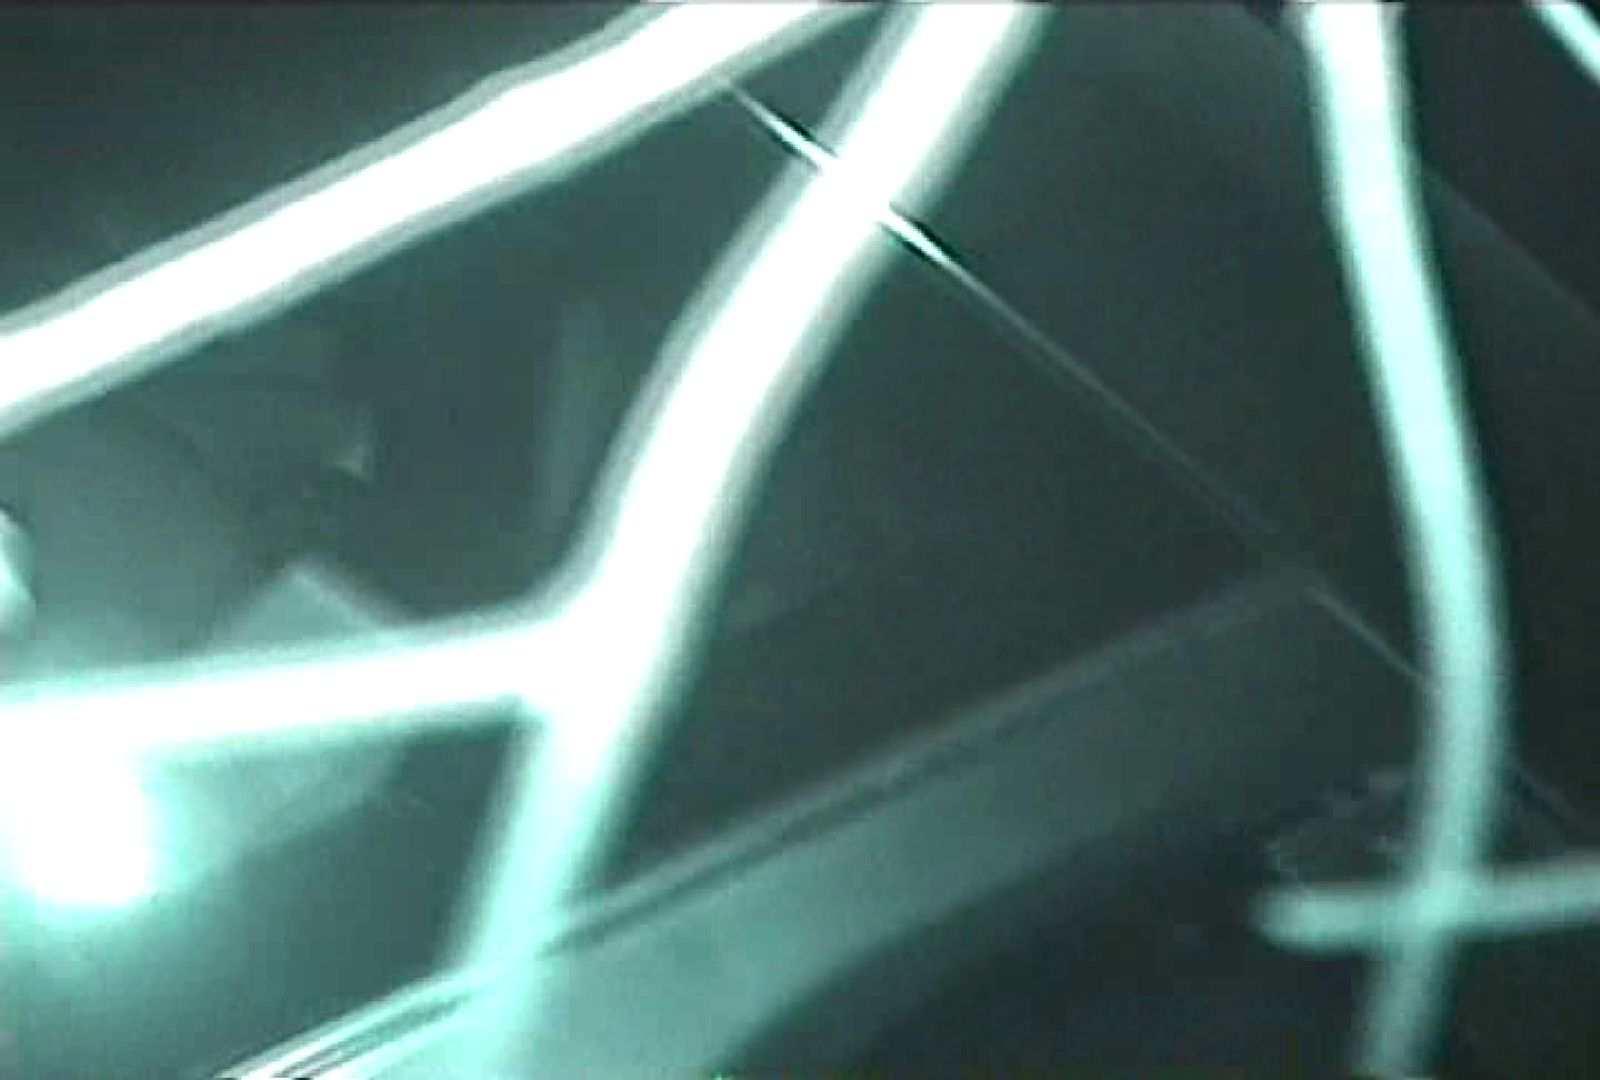 充血監督の深夜の運動会Vol.96 ギャルのエロ動画 AV無料 106画像 84